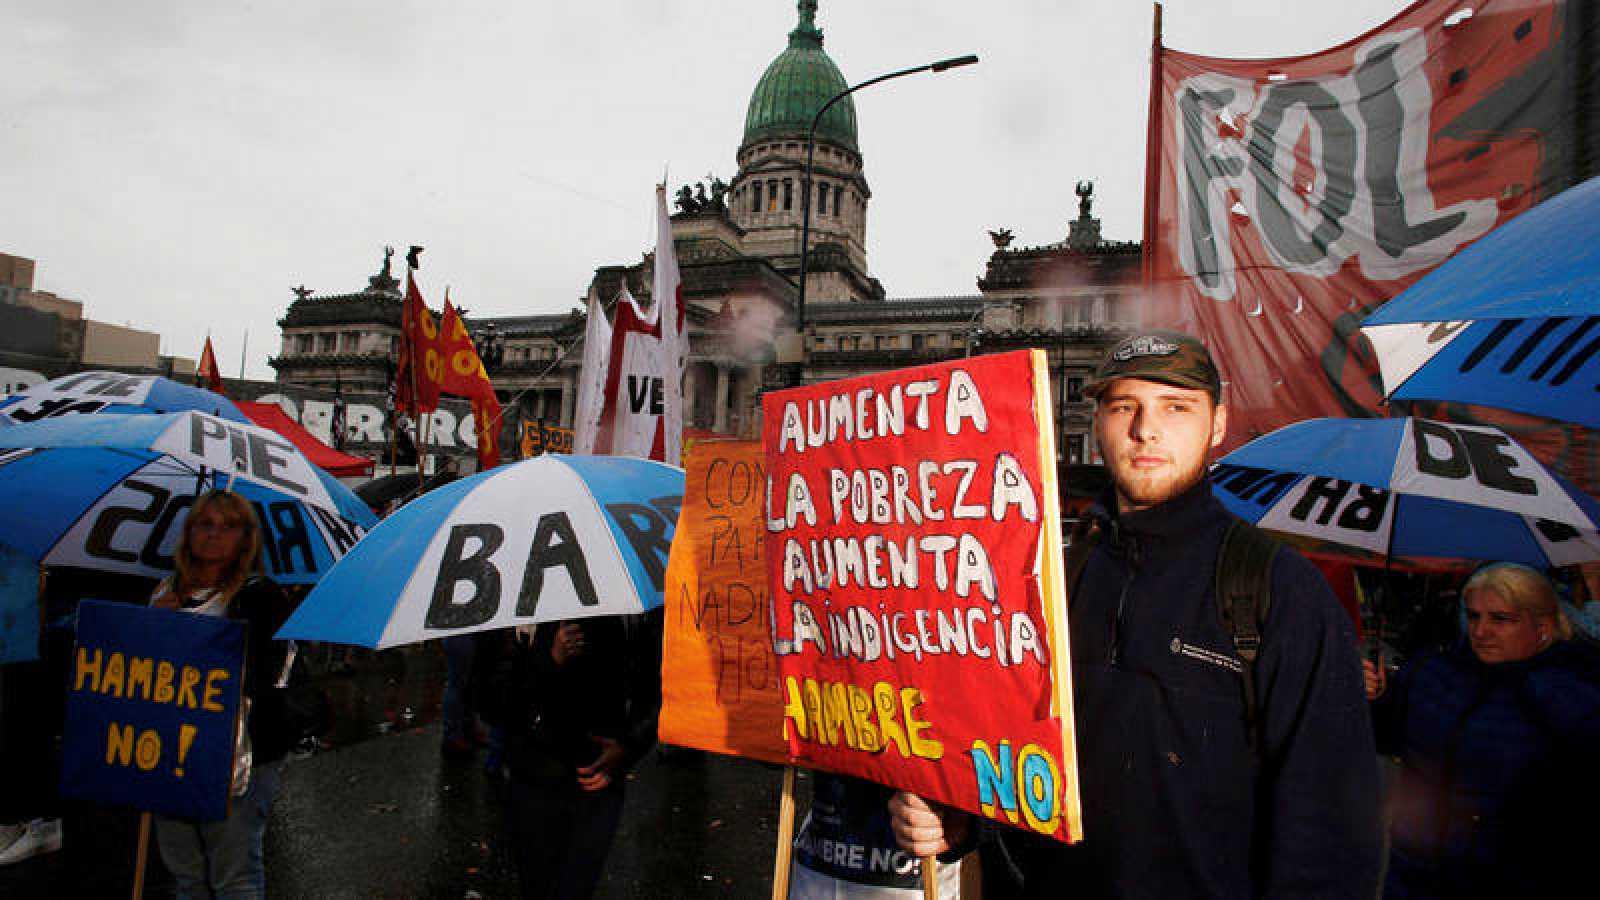 Argentina Presupuestos: El Congreso argentino aprueba los Presupuestos con disturbios en las calles - RTVE.es